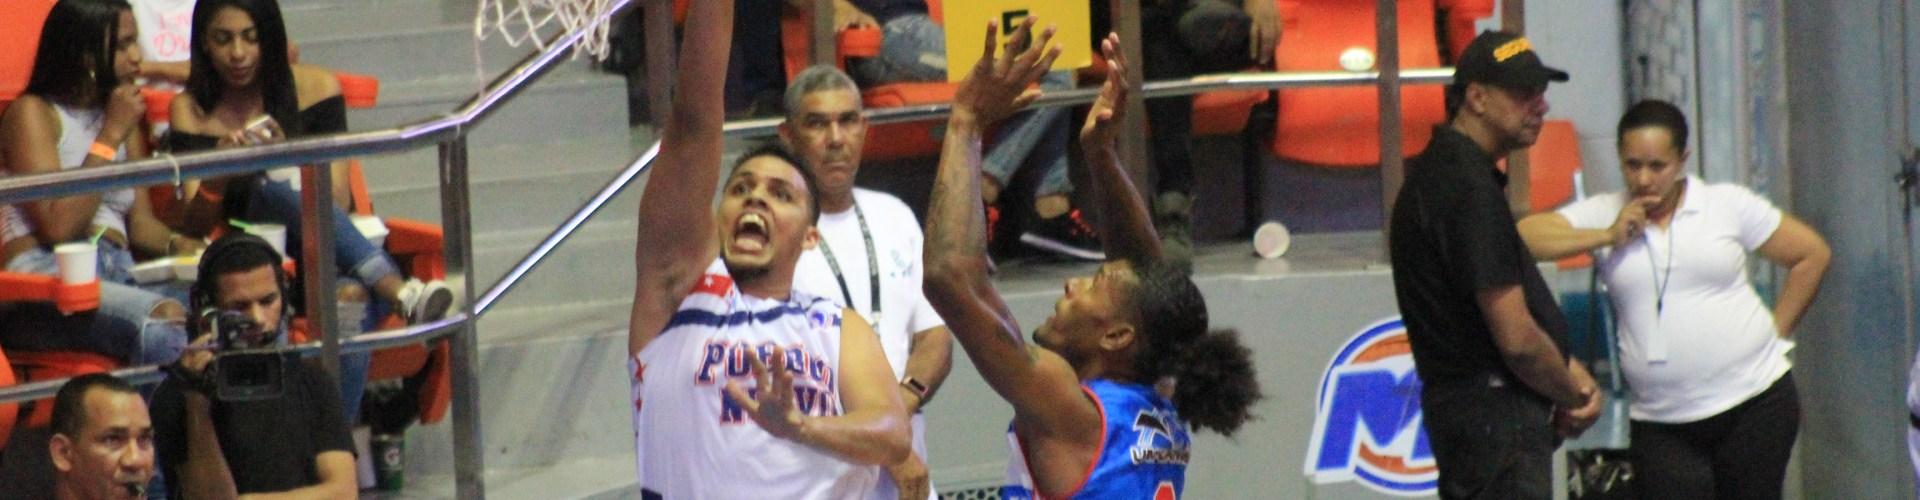 Pueblo Nuevo y GUG triunfan en basket